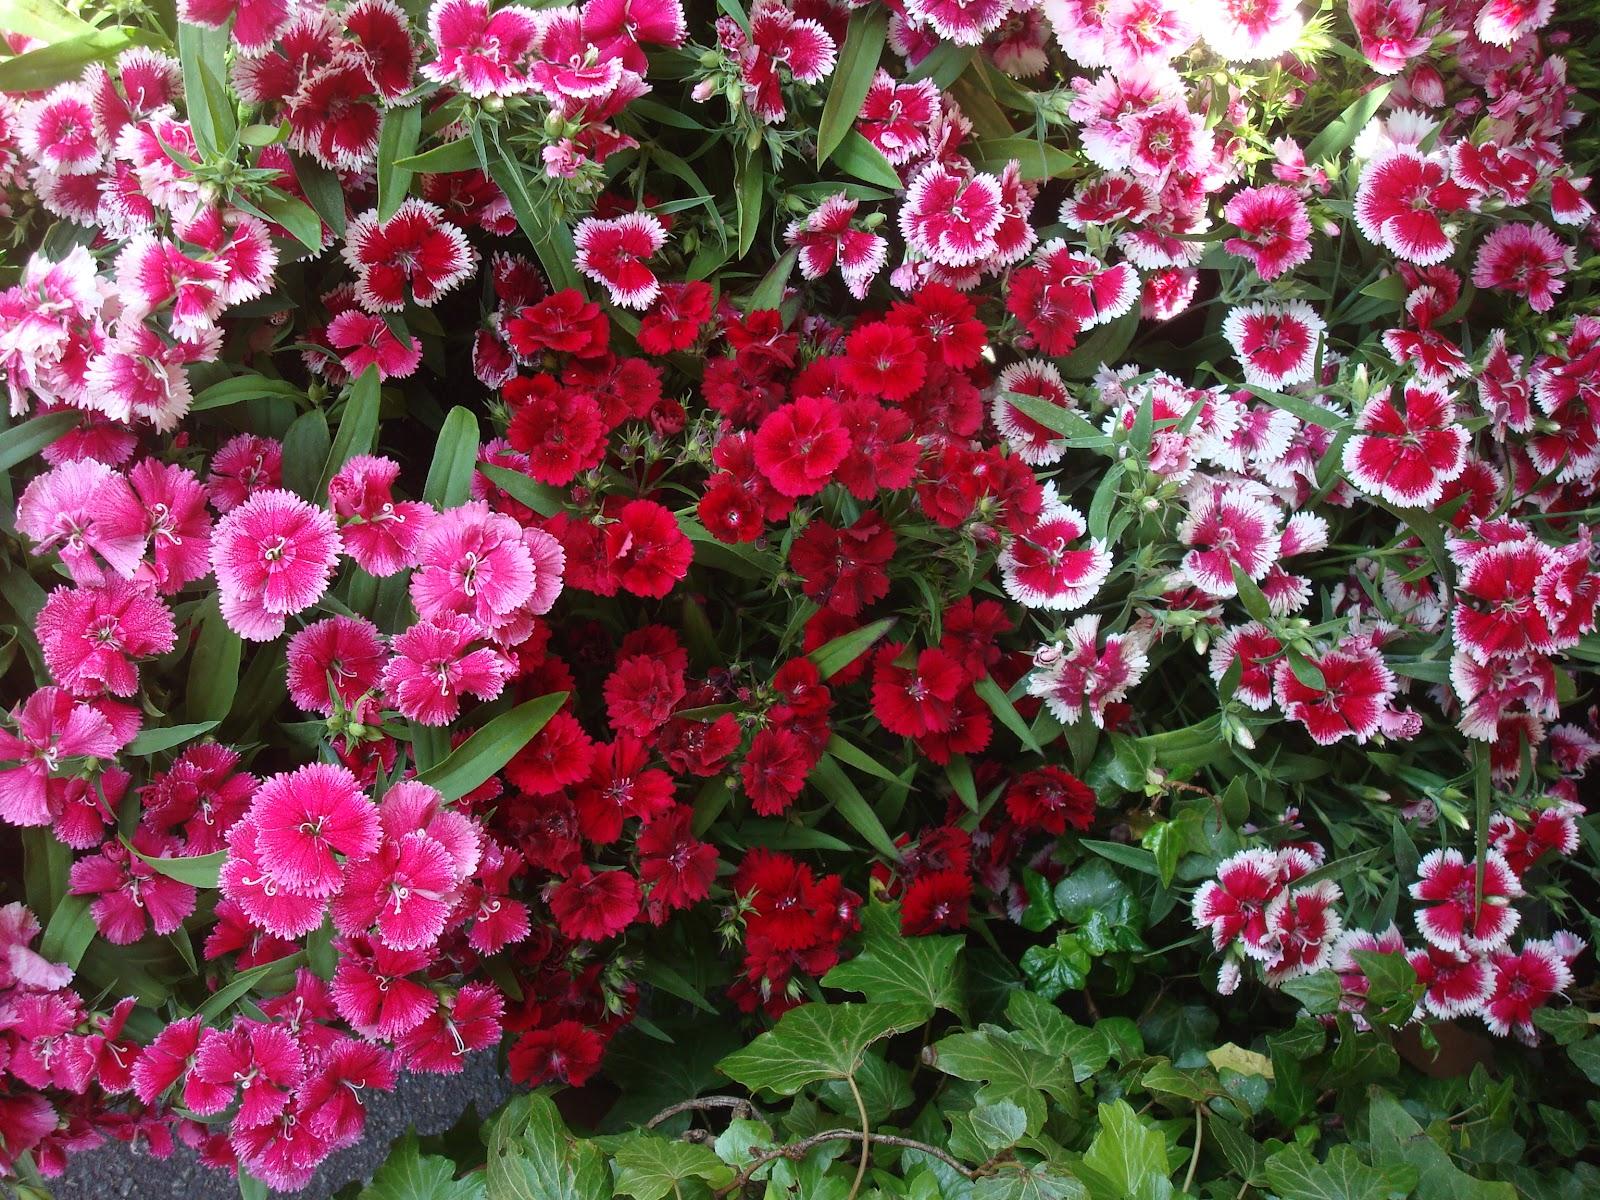 Fleuriste isabelle feuvrier l 39 oeillet de chine - Oeillet de chine ...